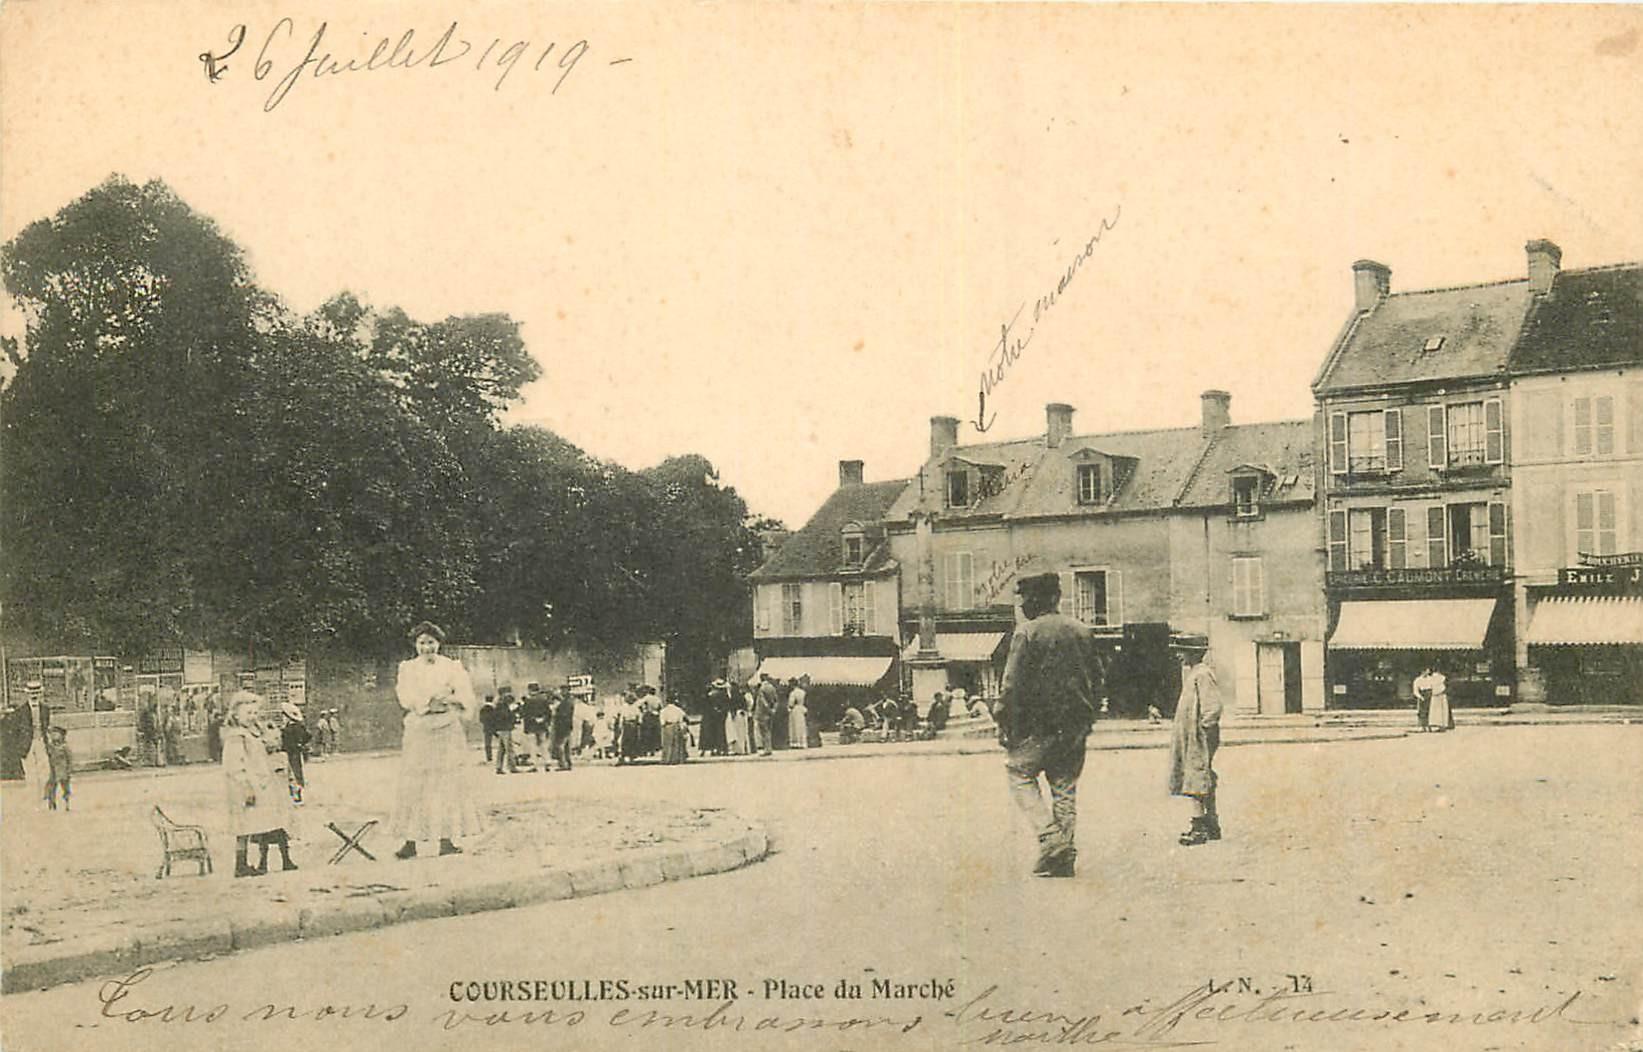 14 COURSEULLES-SUR-MER. Place du Marché 1919